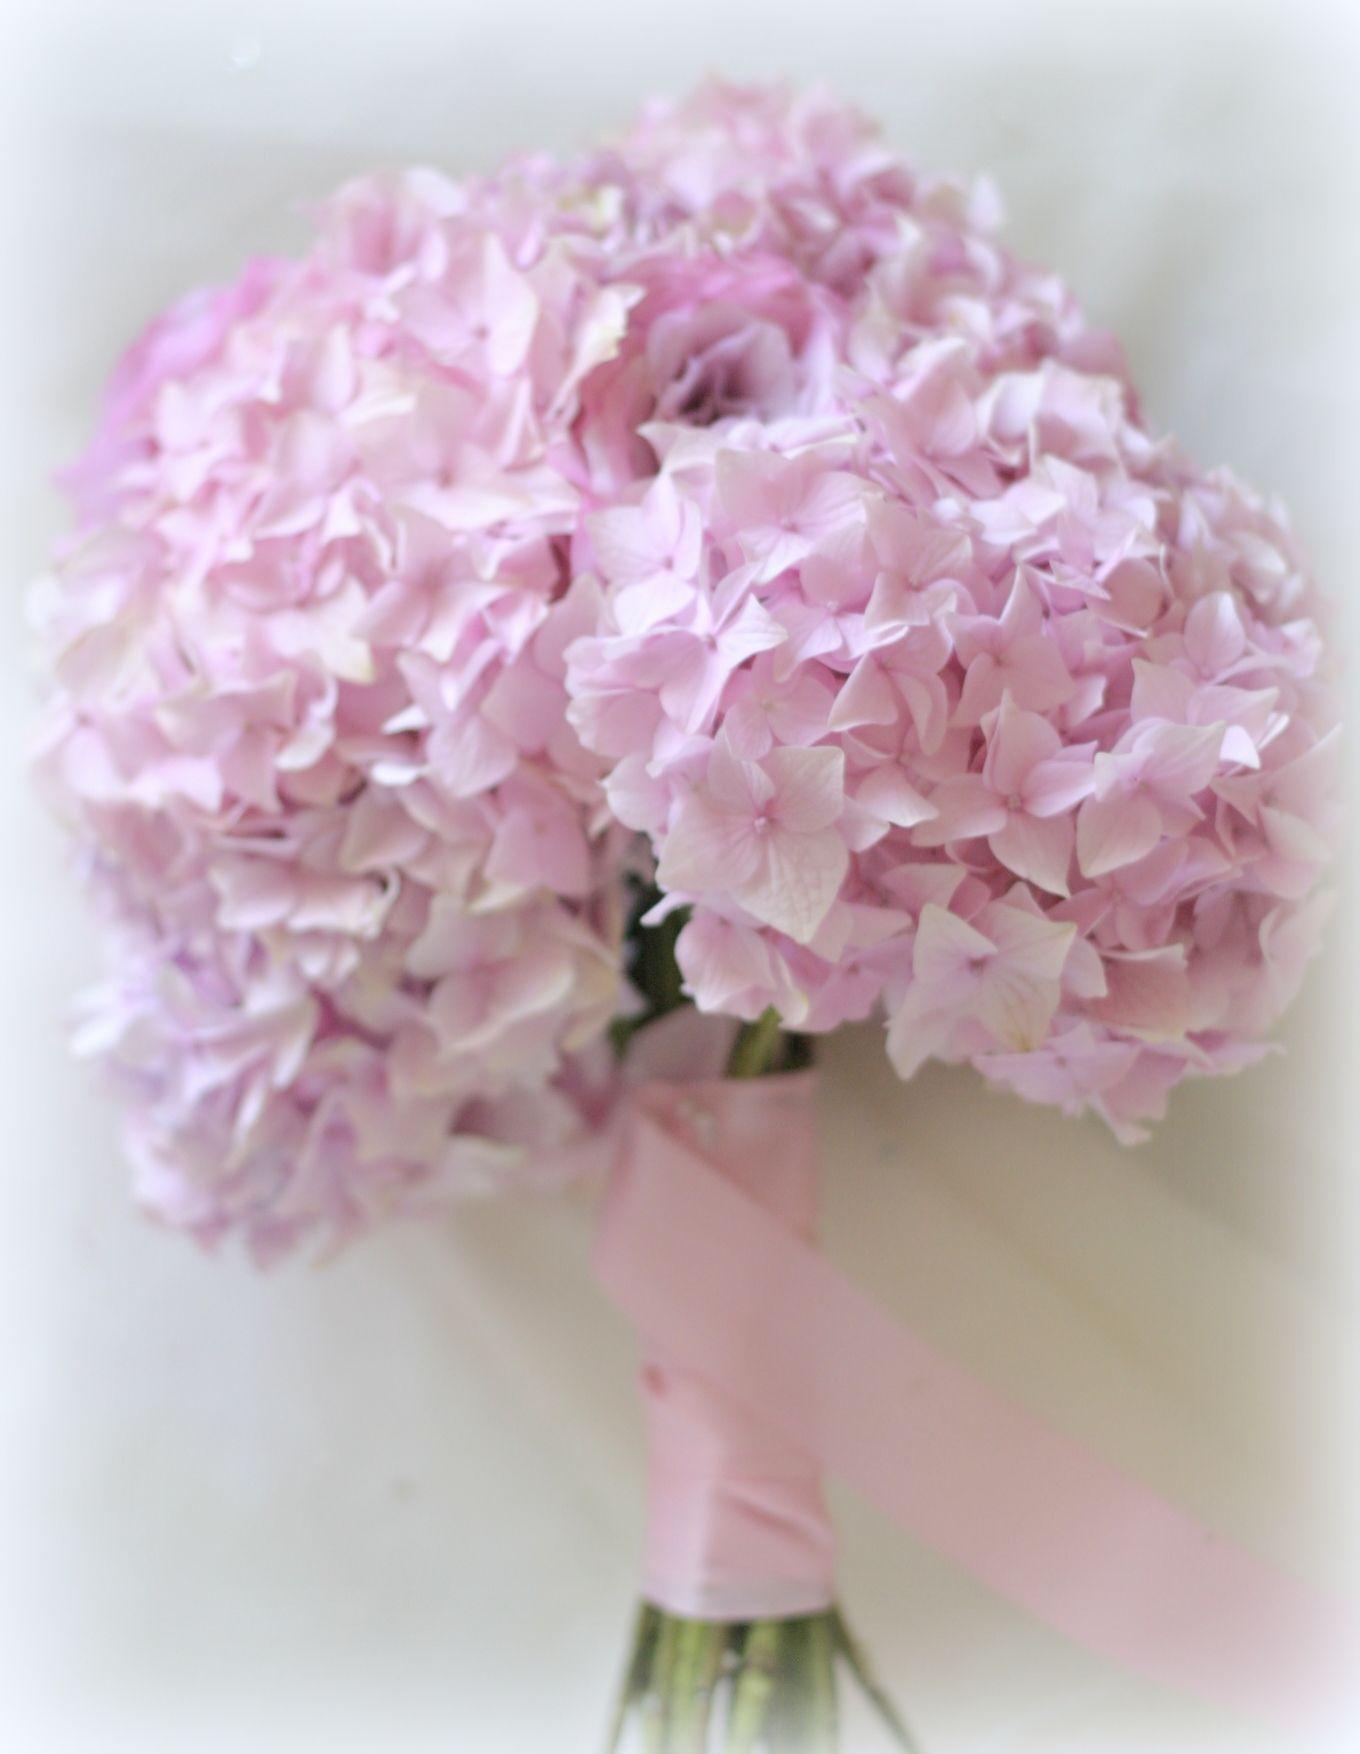 Pink hydrangea bouquet kerwin sarah 2014 pinterest pink hydrangea bouquet dhlflorist Choice Image